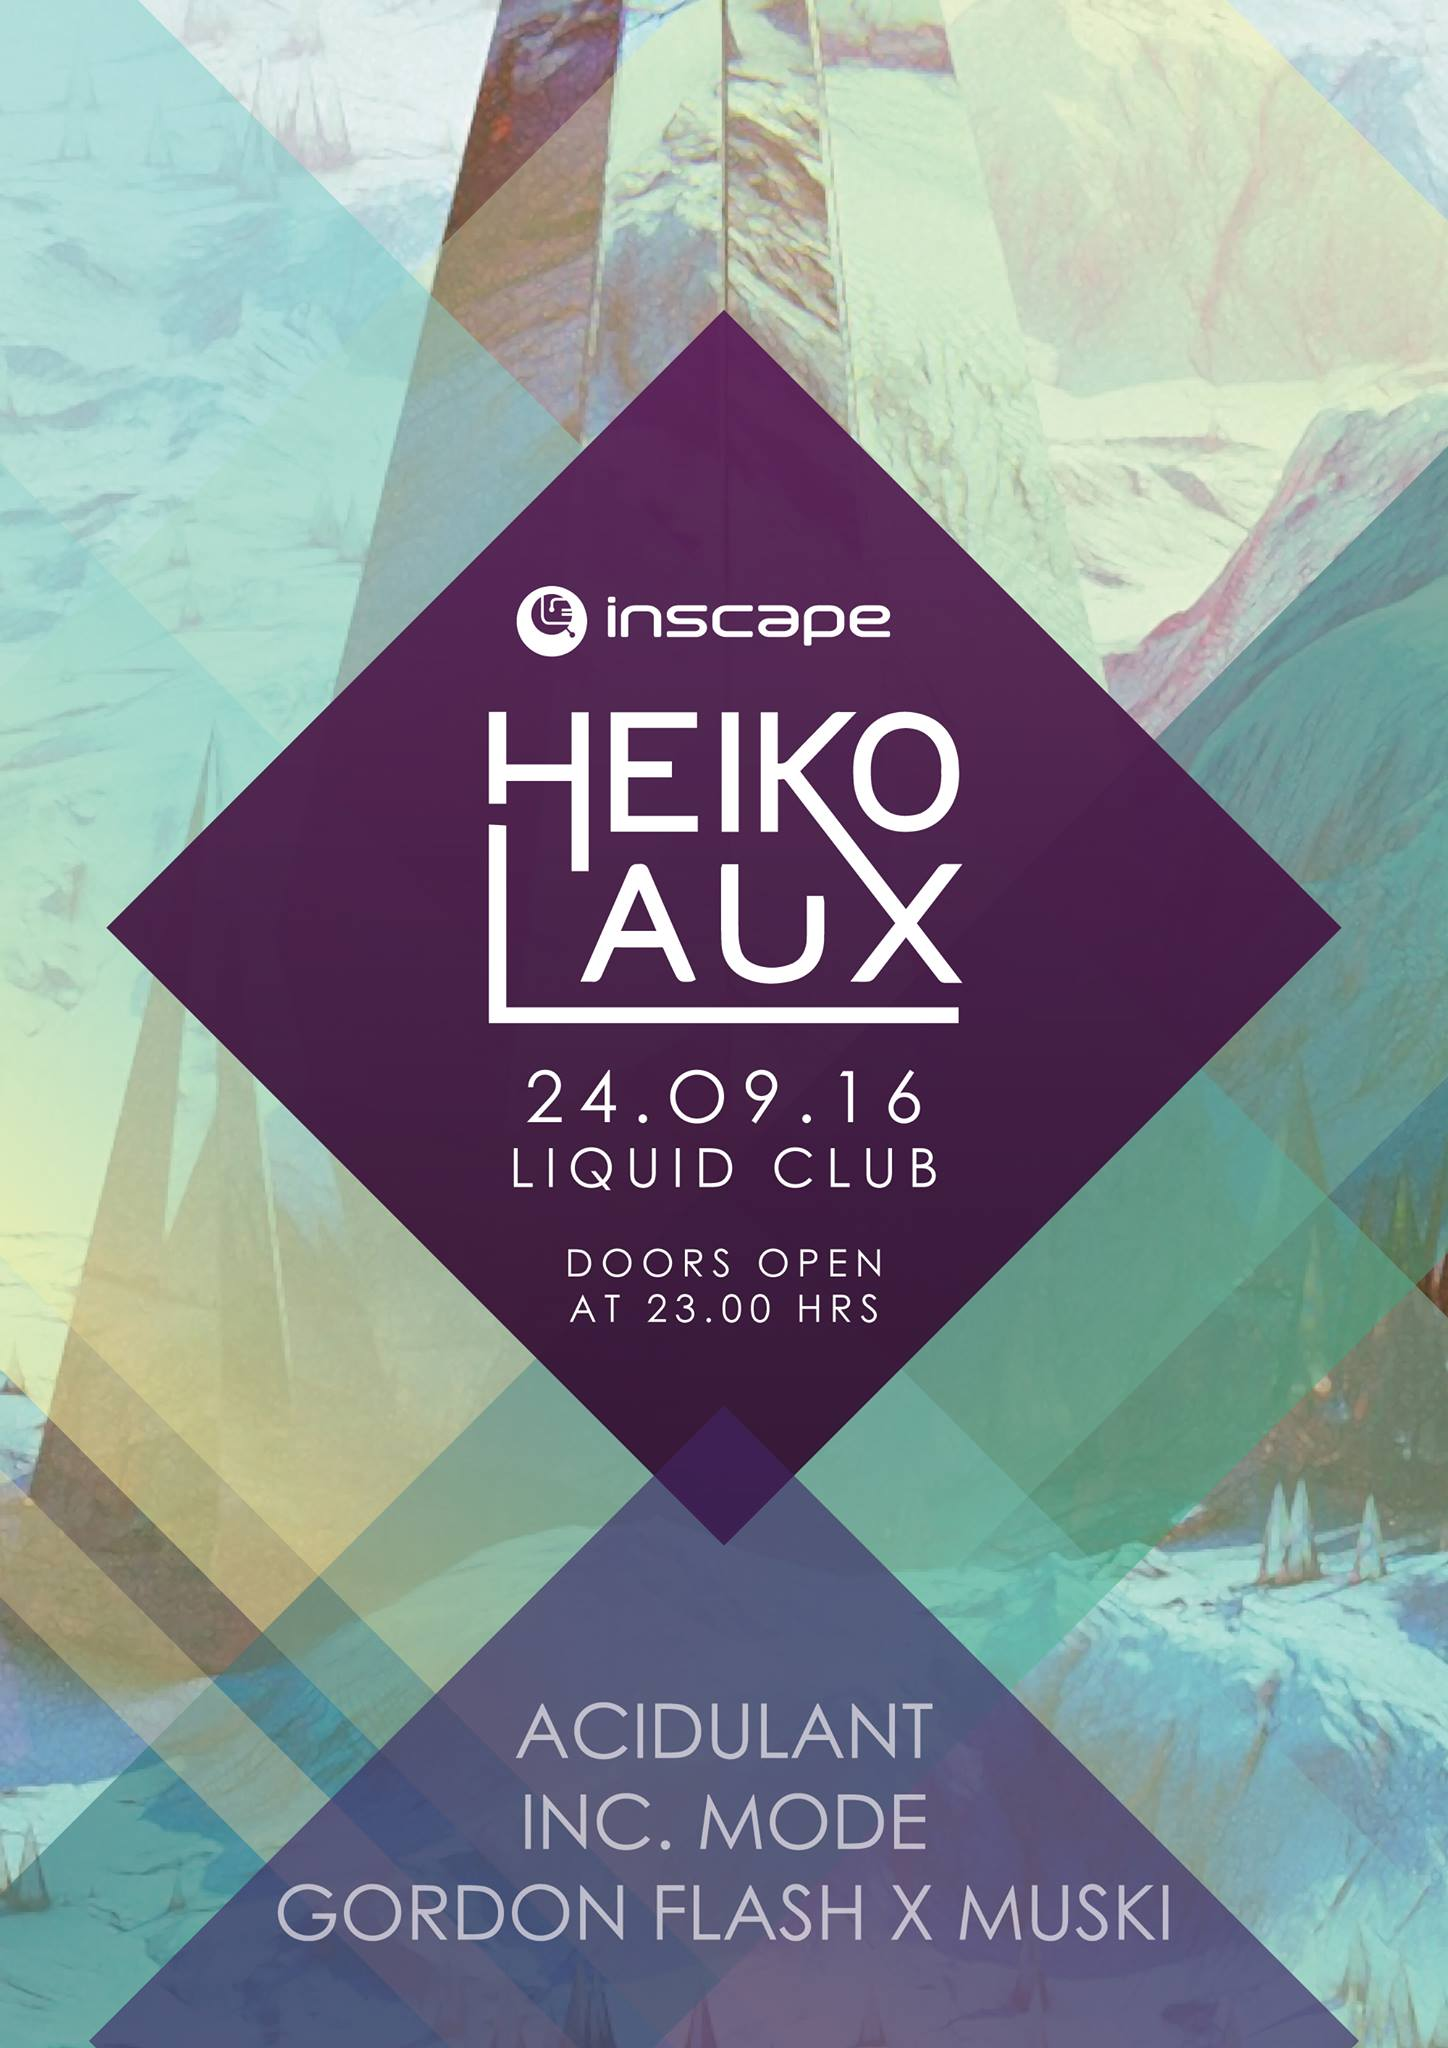 Inscape - Heiko Laux - 24.09.16 flyer